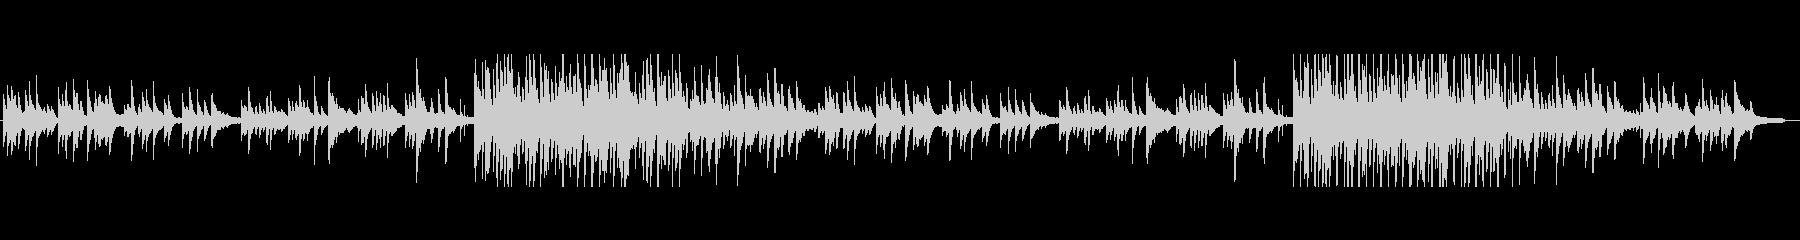 ピアノのしっとり系短調バラードの未再生の波形